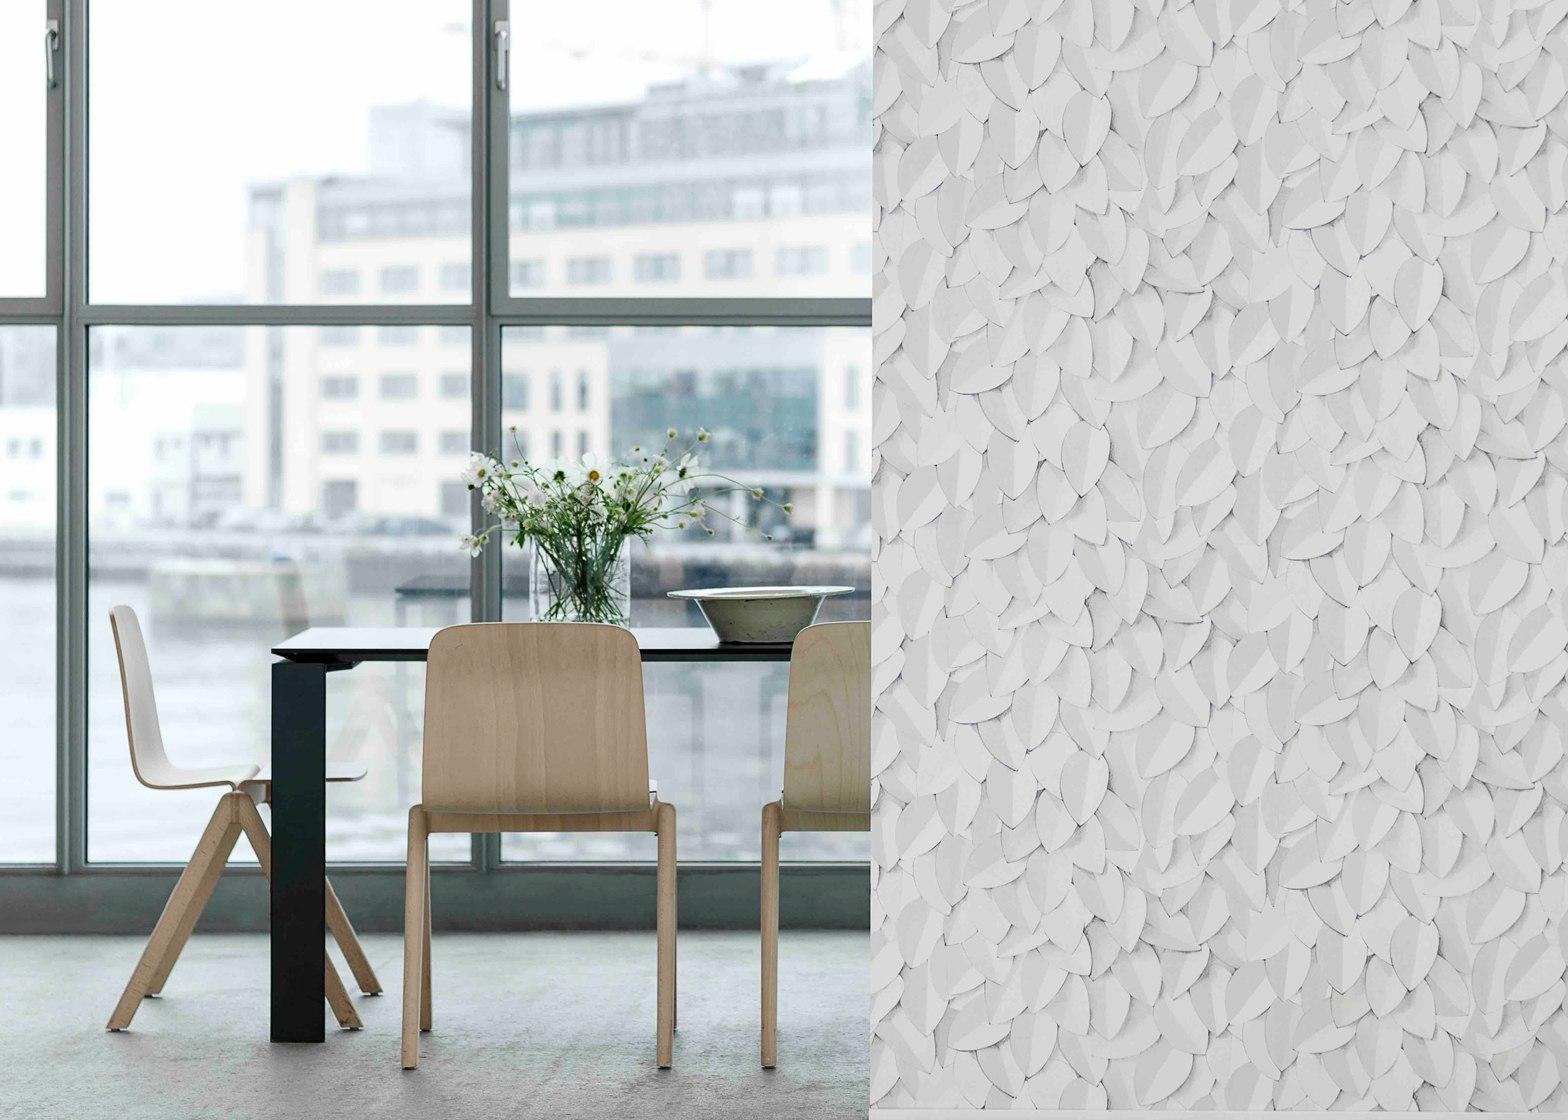 Фронтальные скетче-узоры на стенах для коллекции Eco Wallpaper.